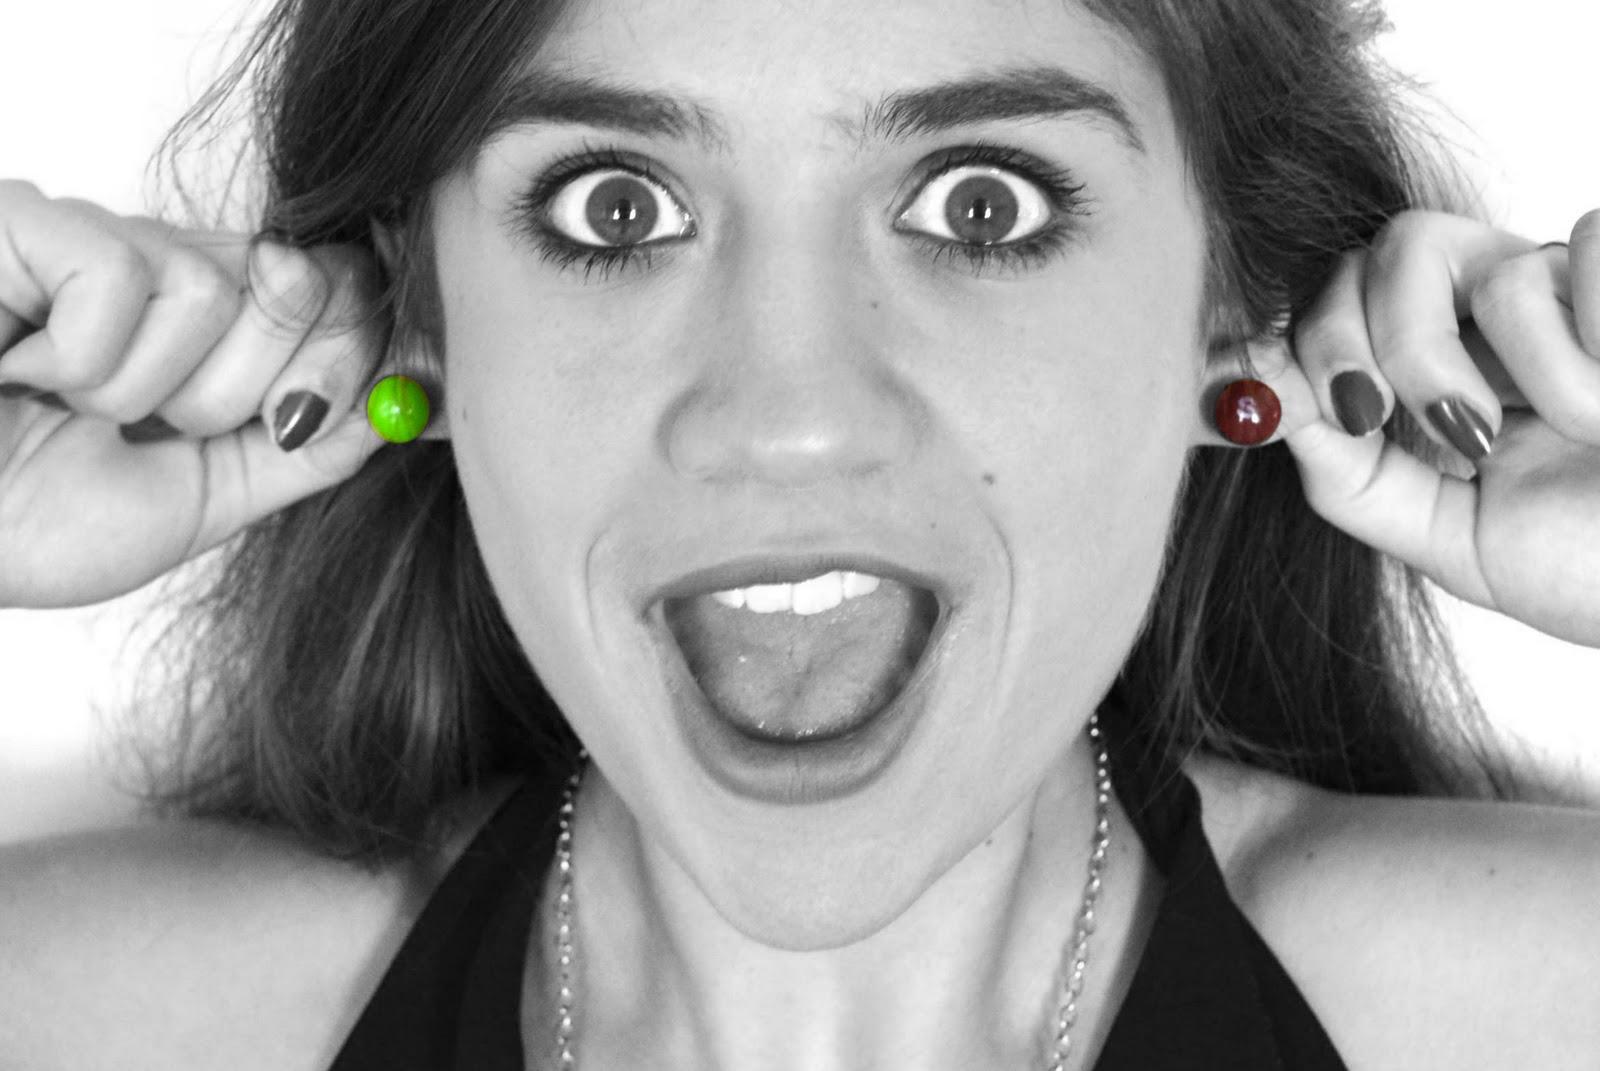 http://3.bp.blogspot.com/-FVlSTZ2v4FY/TwodbqwpkVI/AAAAAAAAAQw/IrMXinqHY9M/s1600/++fofolle+skittles.jpg